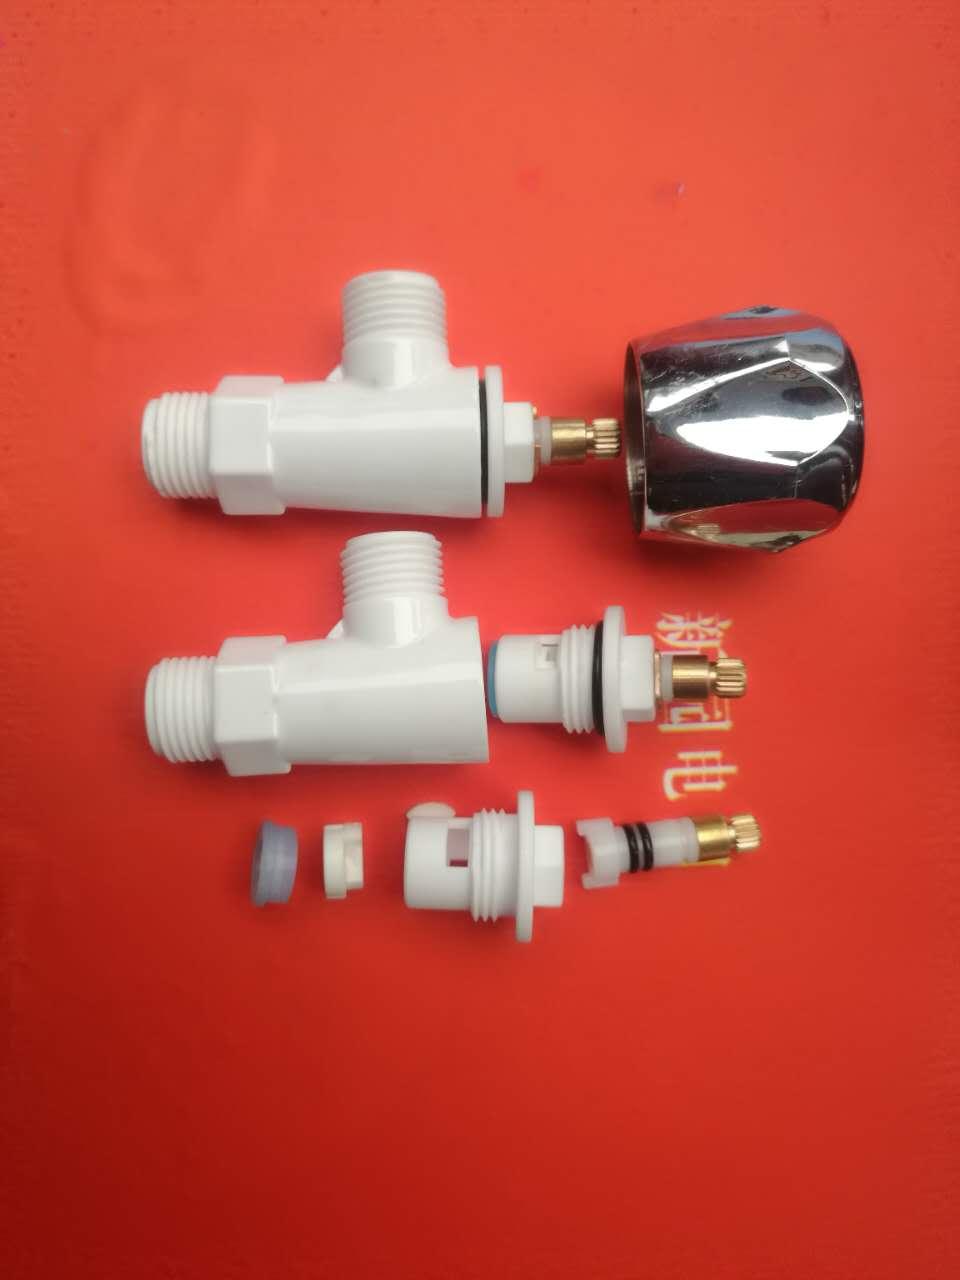 陶瓷炉头分火器-买高性价陶瓷水龙头壳体优选新园电子陶瓷